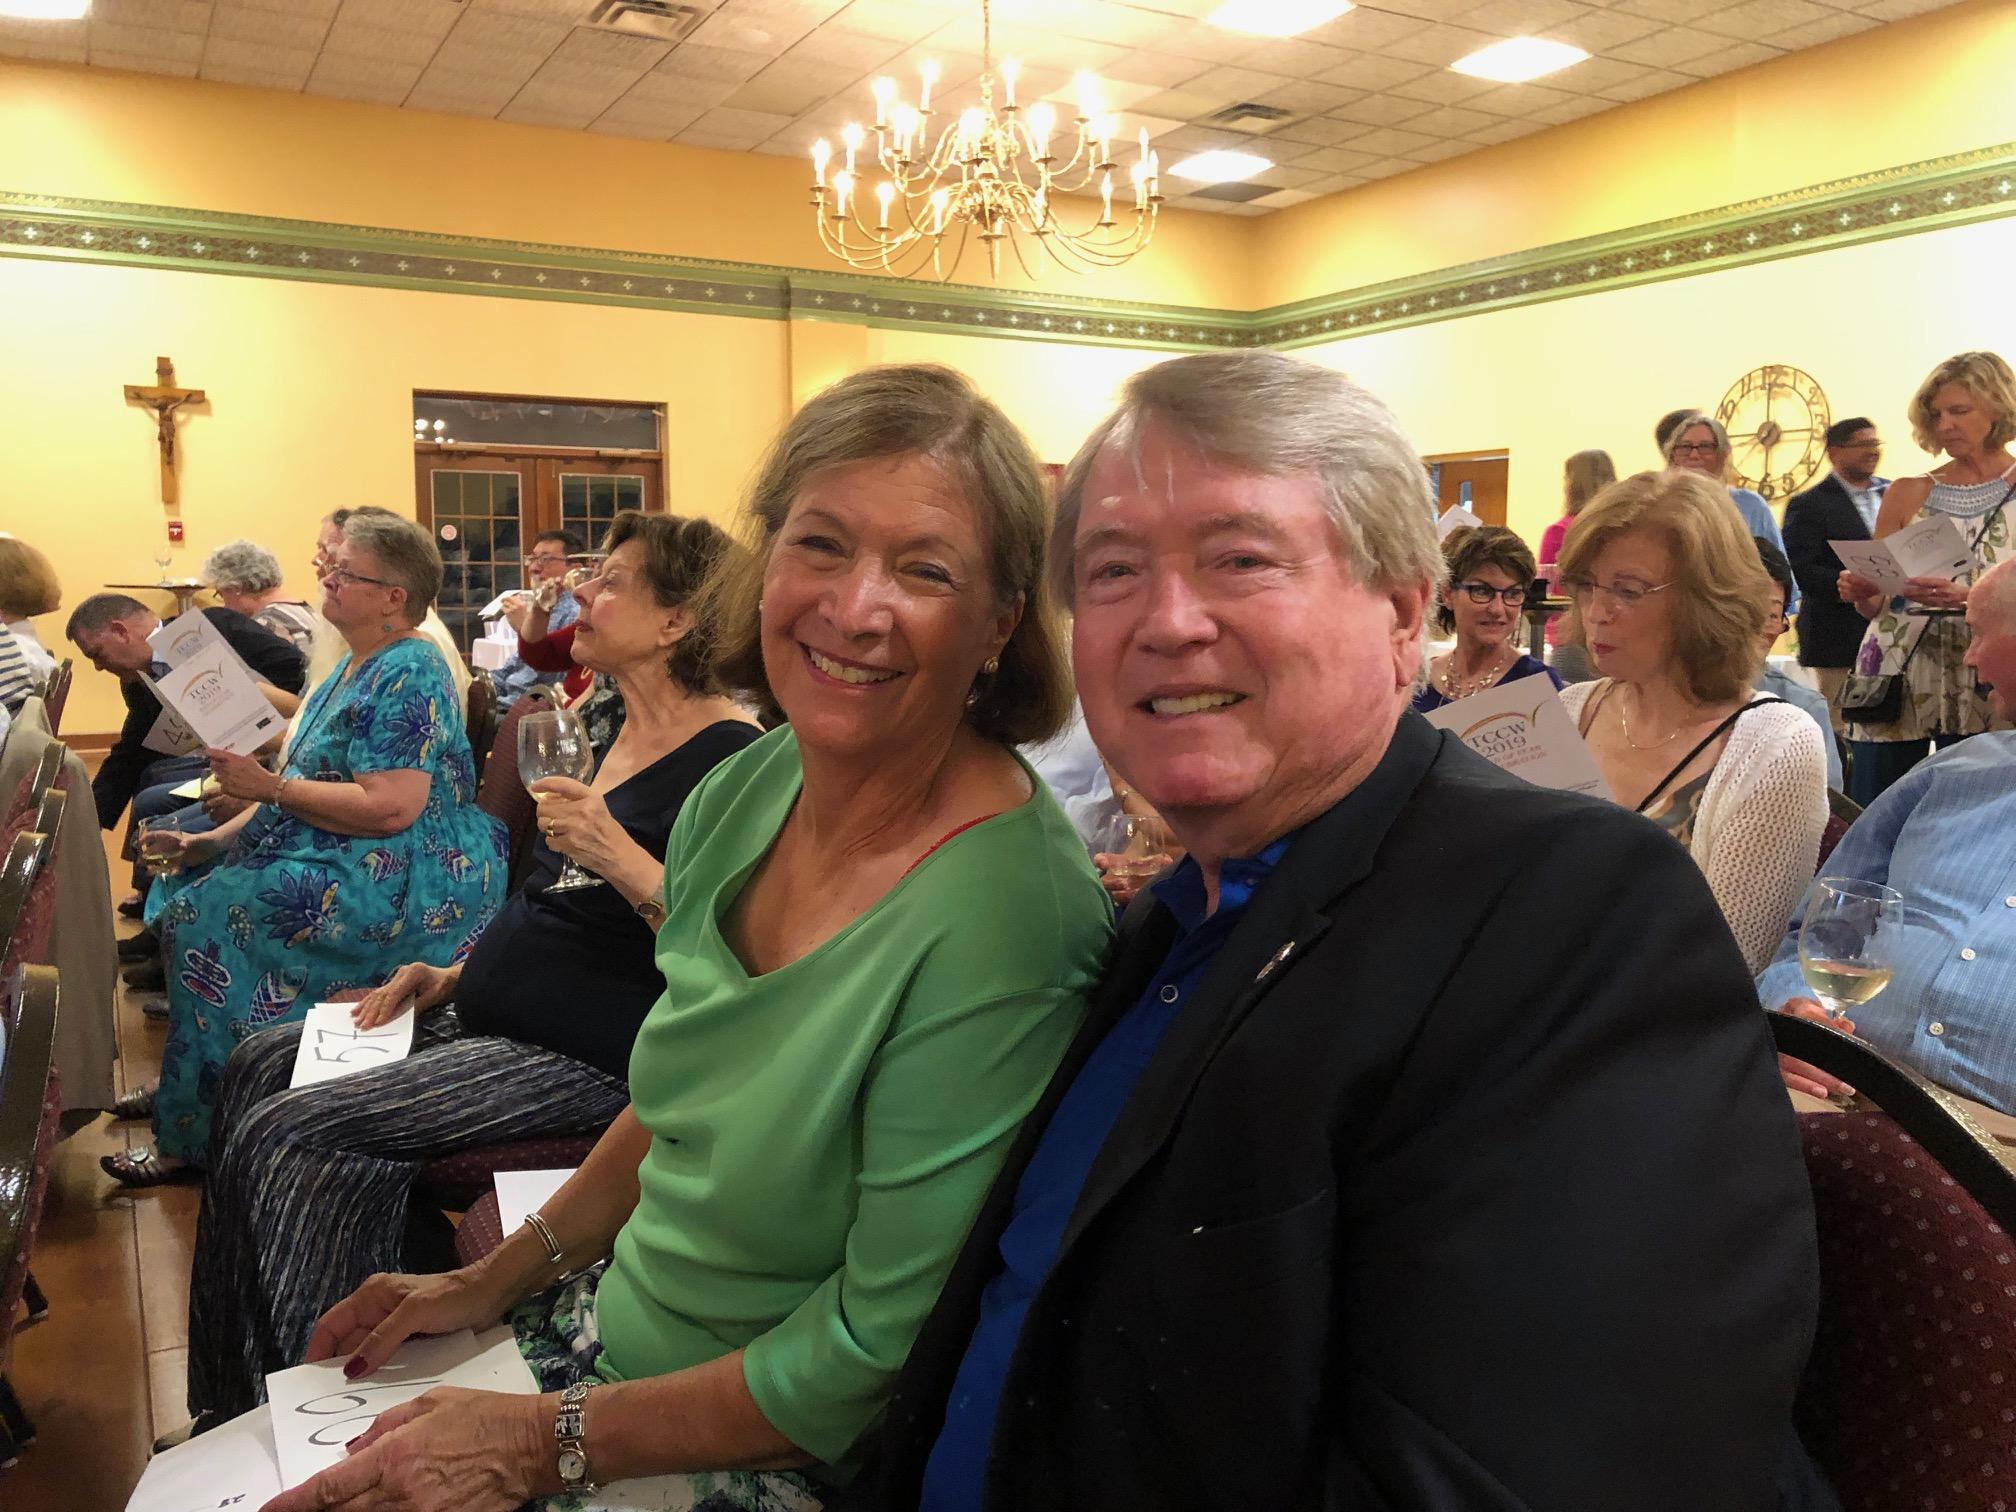 Alto Barbara Greene & husband Jon